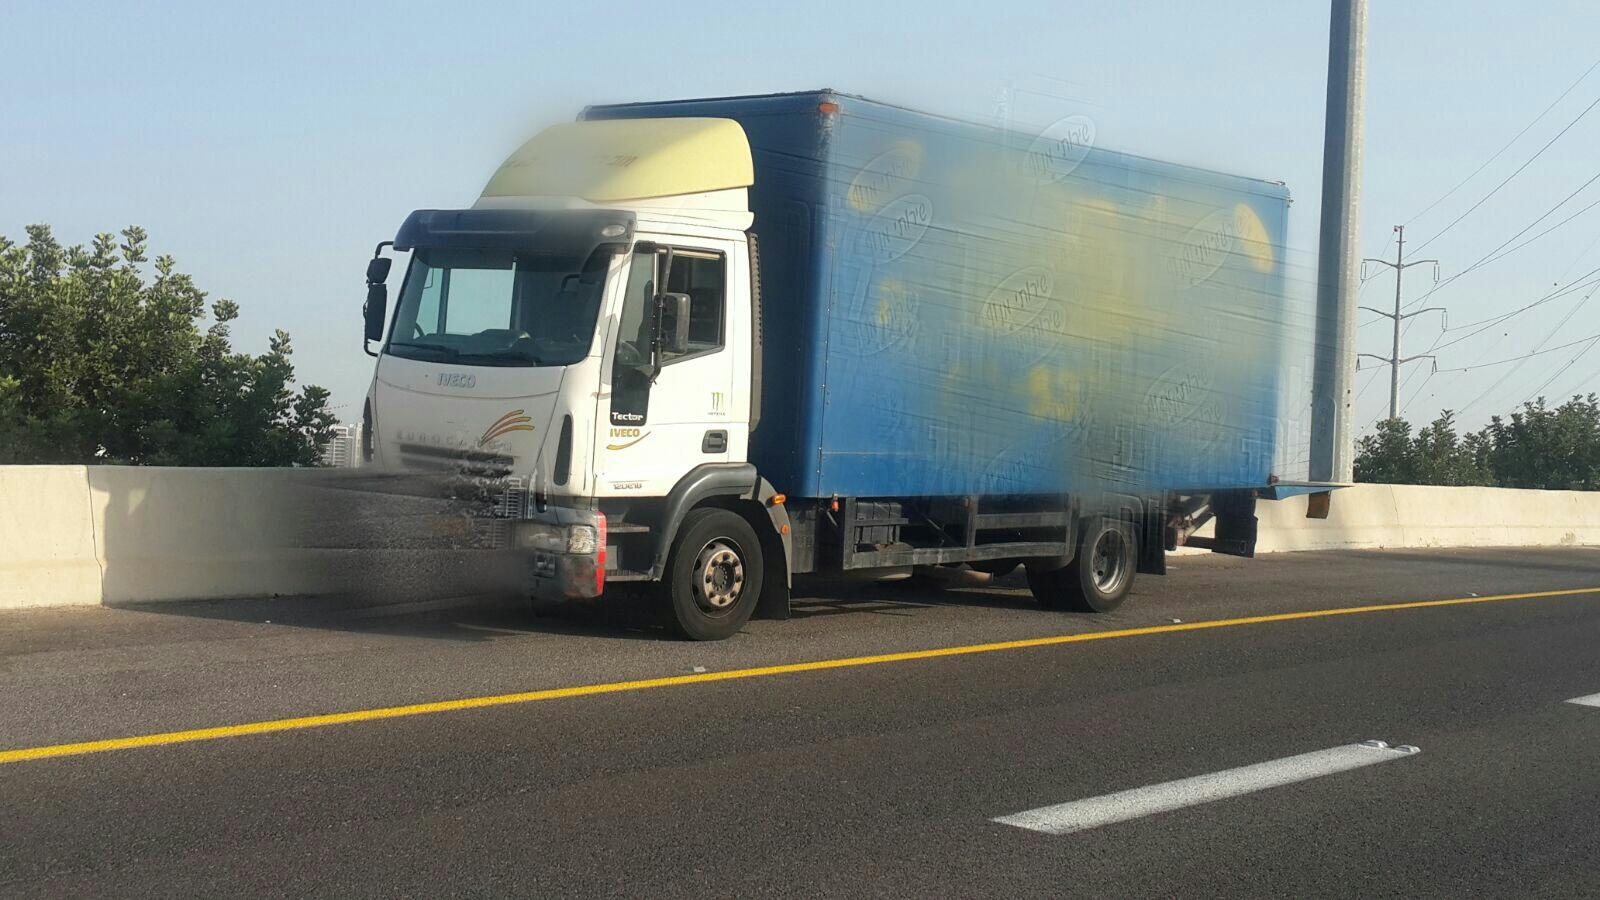 שני רשיונות: האחד מזוייף והשני לא בתוקף – המשאית להובלת נוסעים